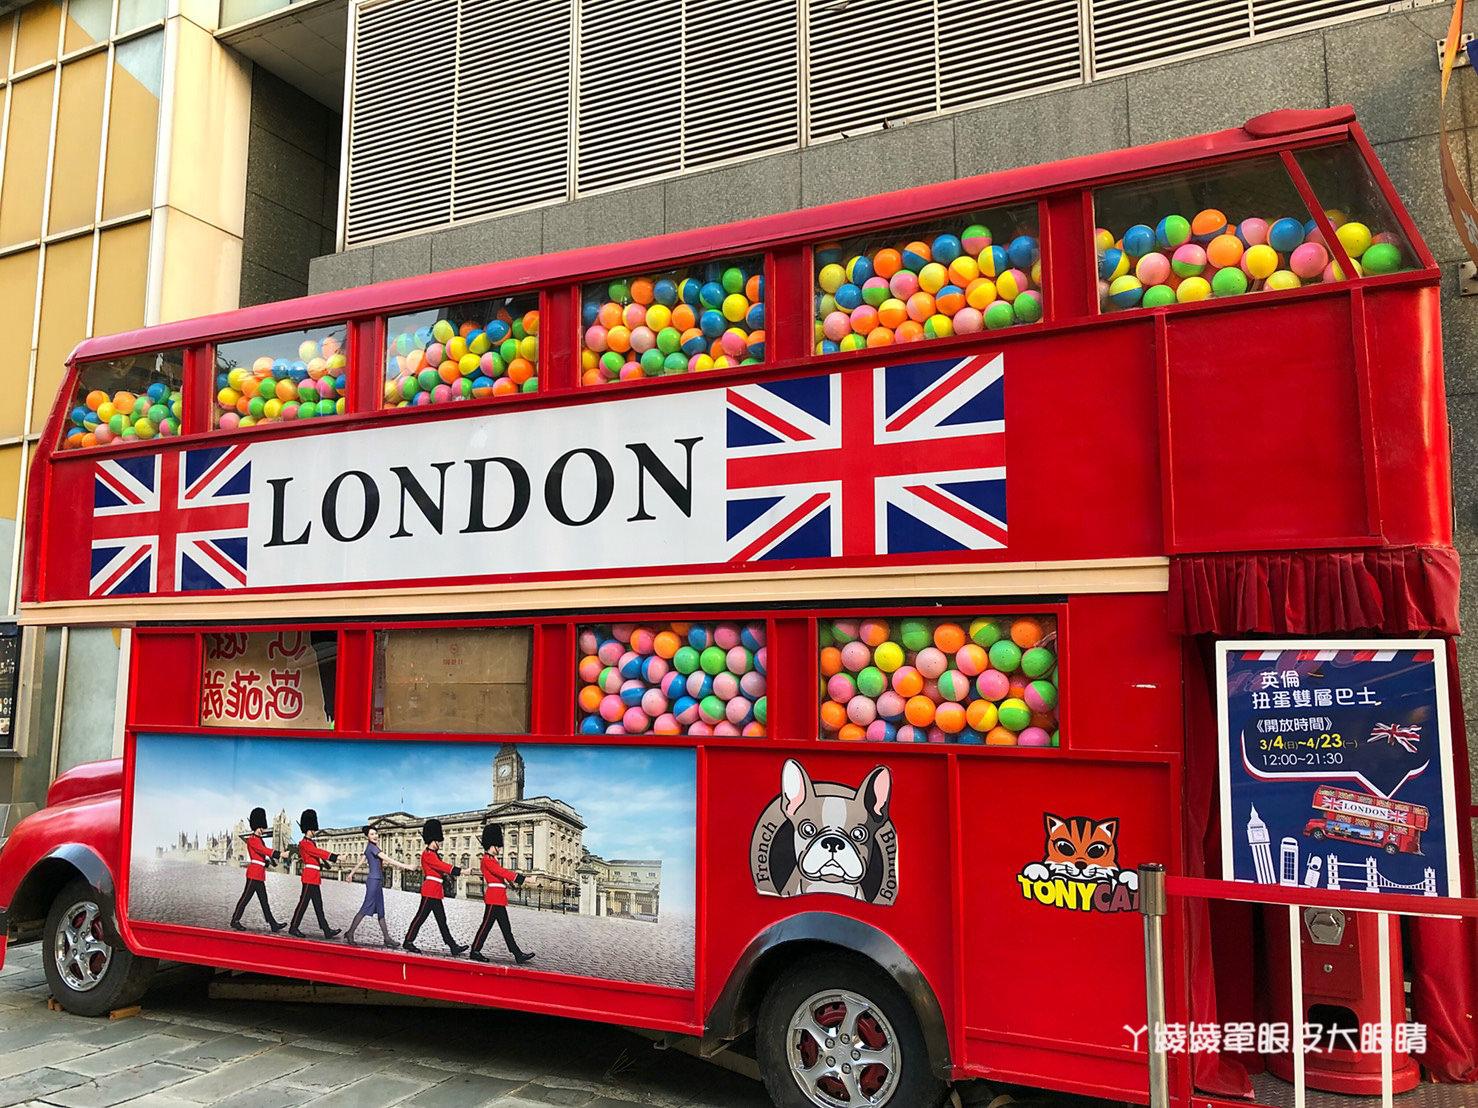 超大巨型扭蛋機來新竹大遠百囉!雙層扭蛋巴士機帶你一秒飛英國倫敦